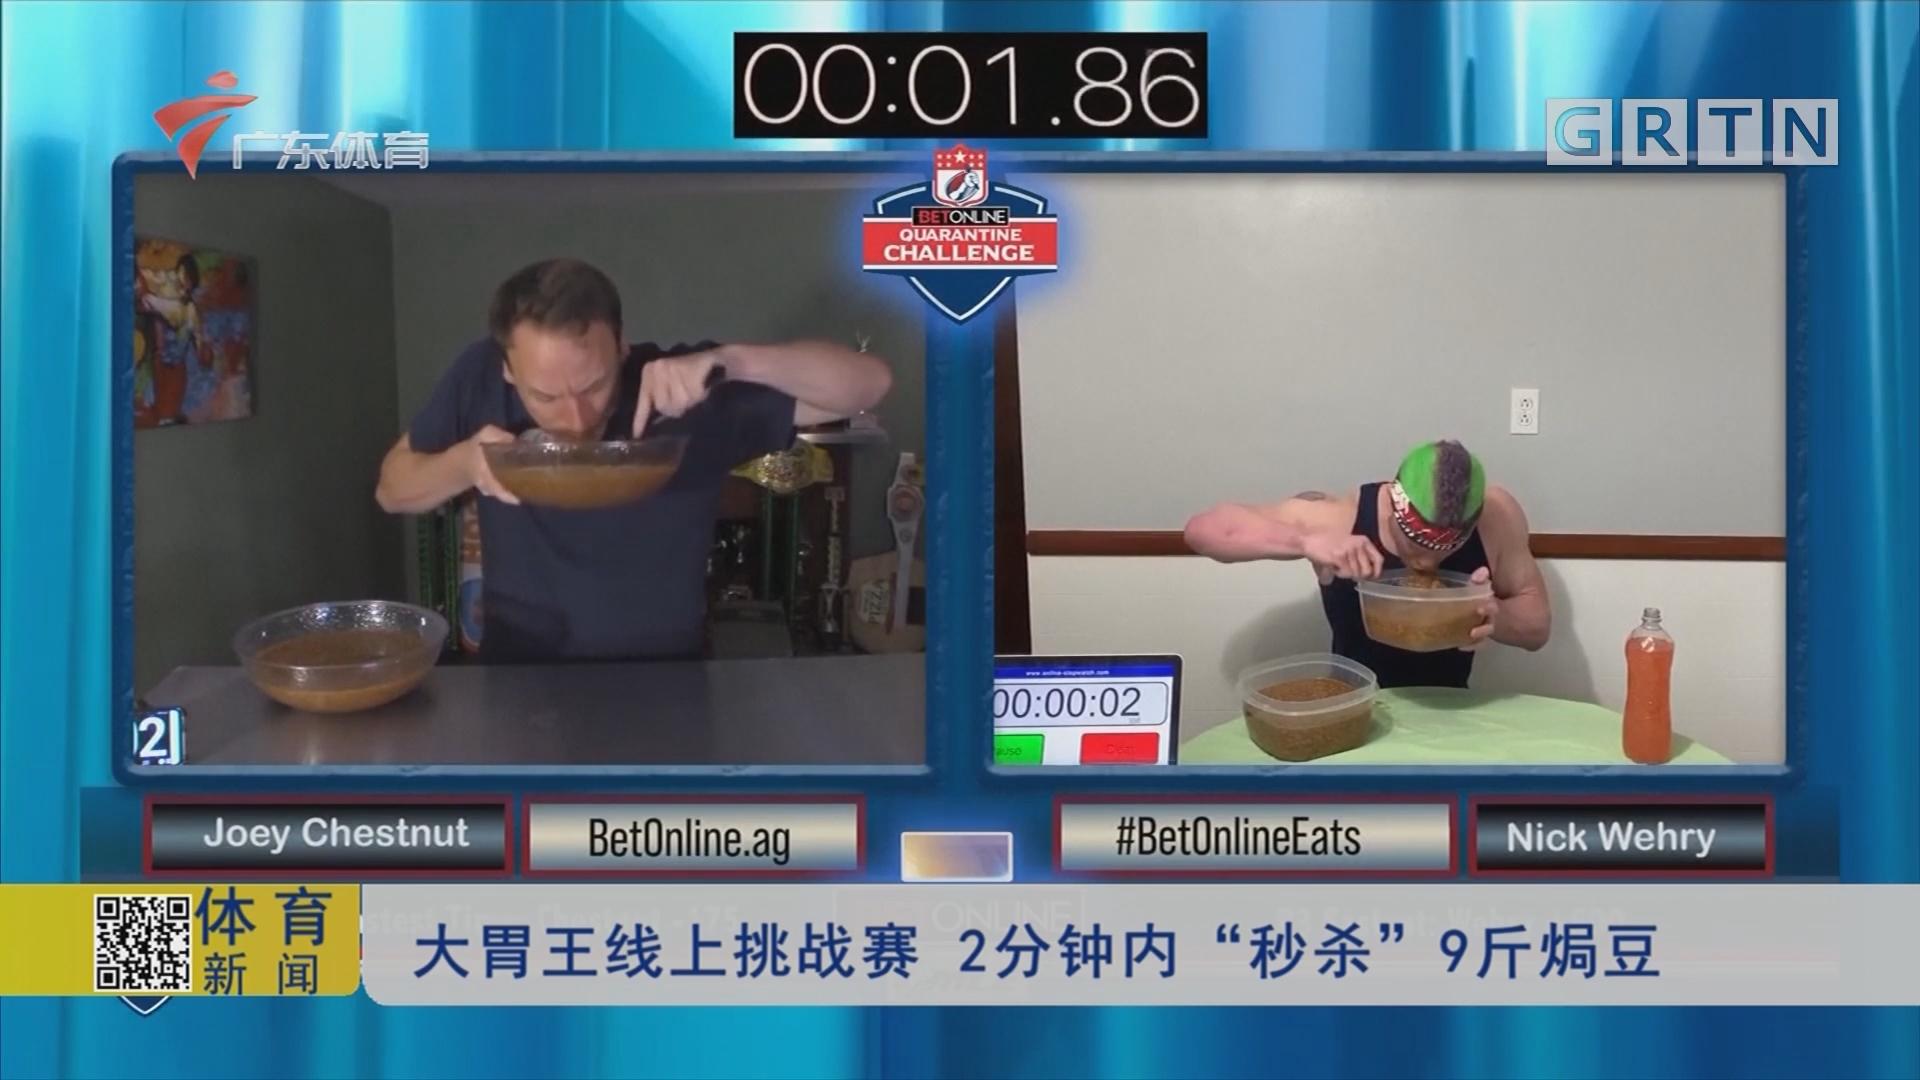 """大胃王線上挑戰賽 2分鐘內""""秒殺"""" 9斤焗豆"""